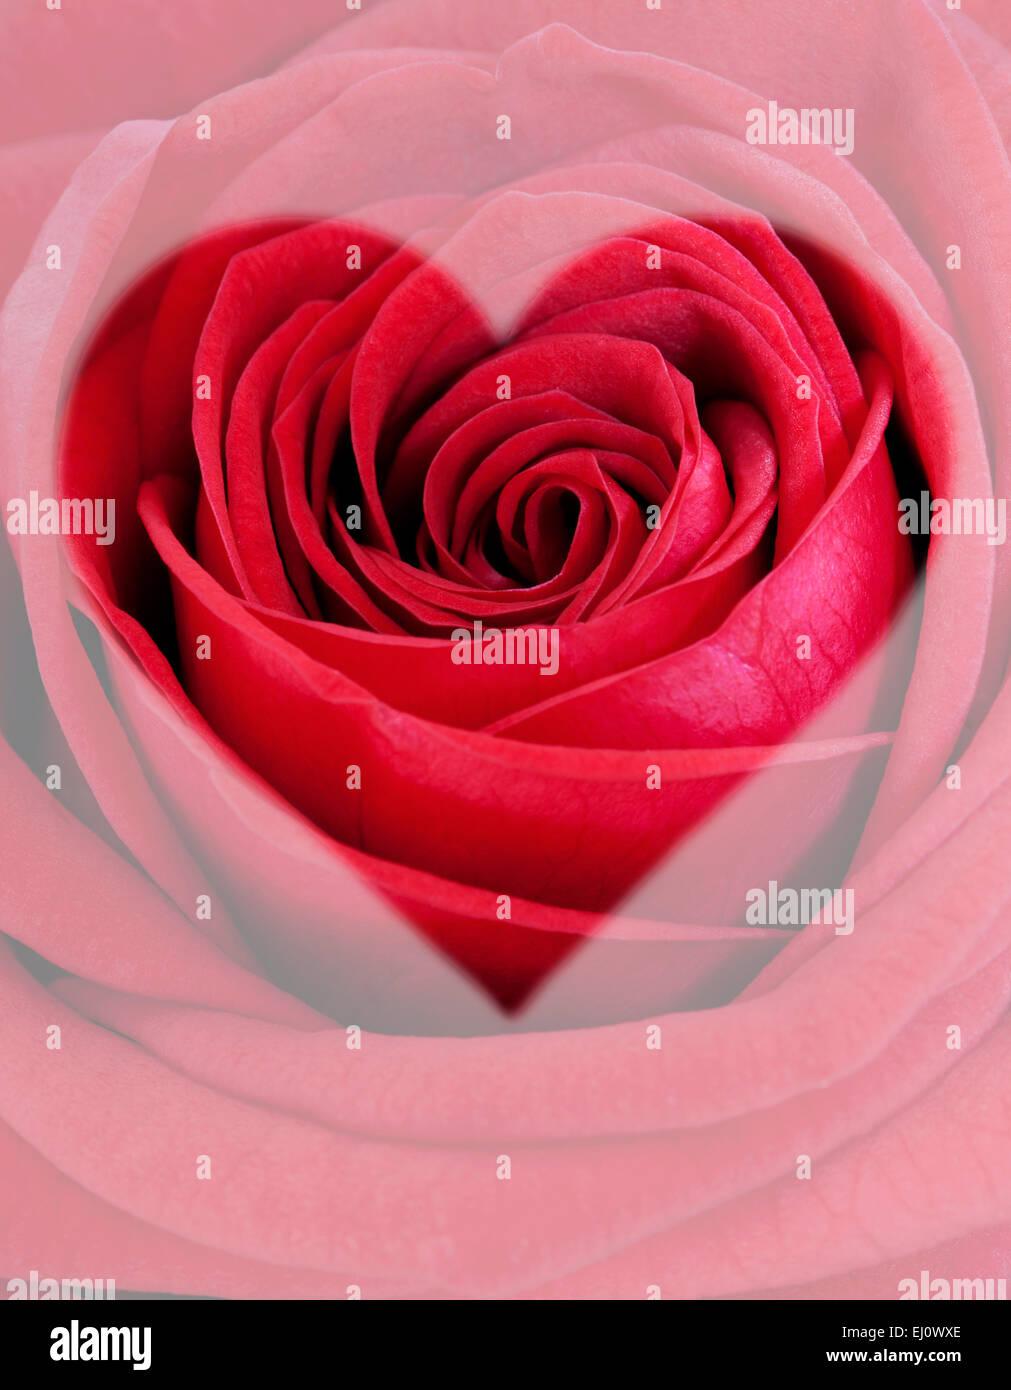 Rosa roja con forma de corazón Imagen De Stock